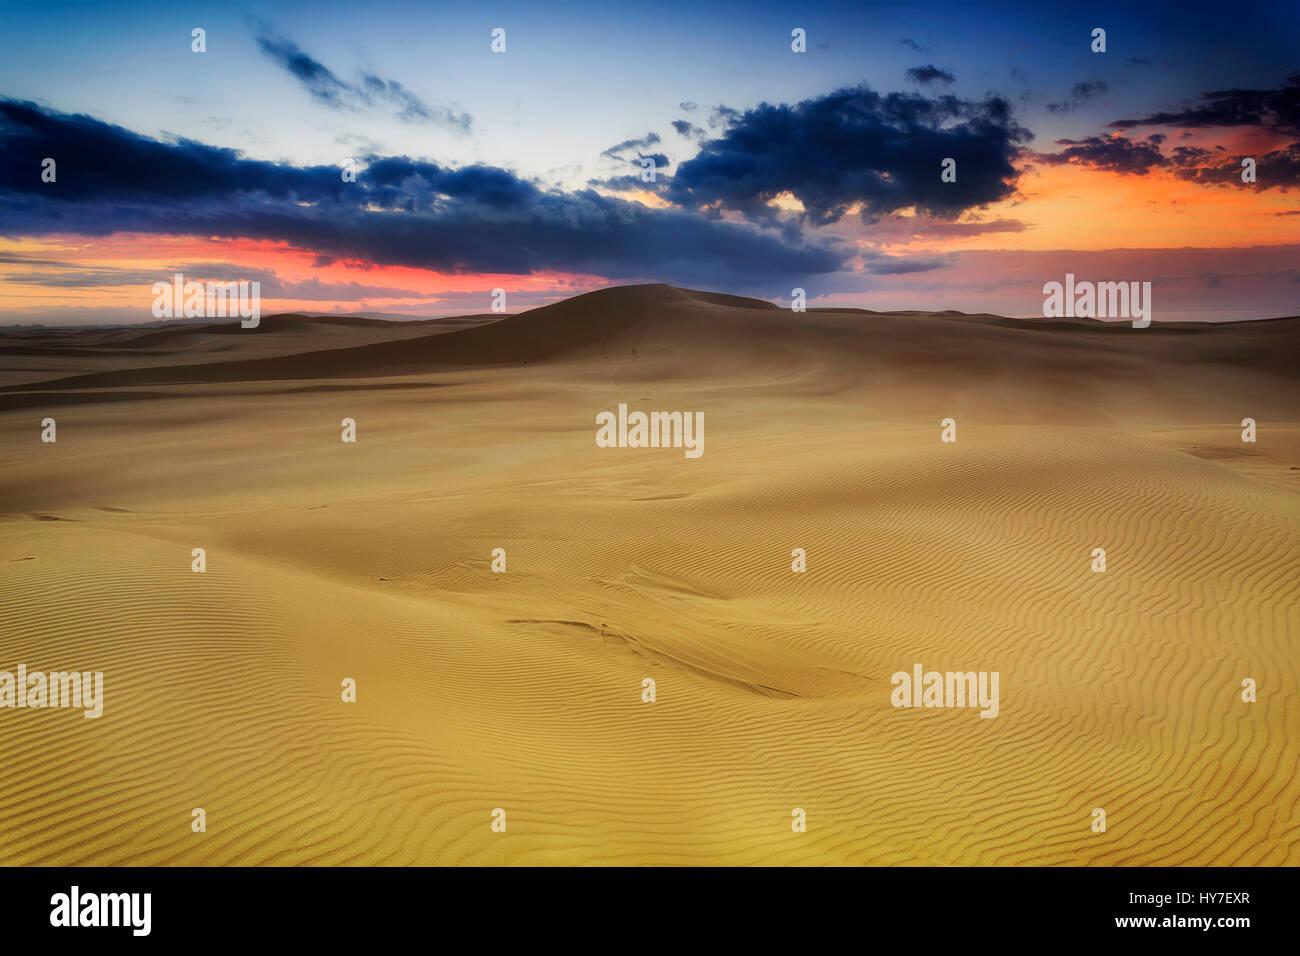 Dune di sabbia dorata di sunrise con gamme di colline di sabbia verso hoziron con red sky vicino Stockon spiaggia Immagini Stock